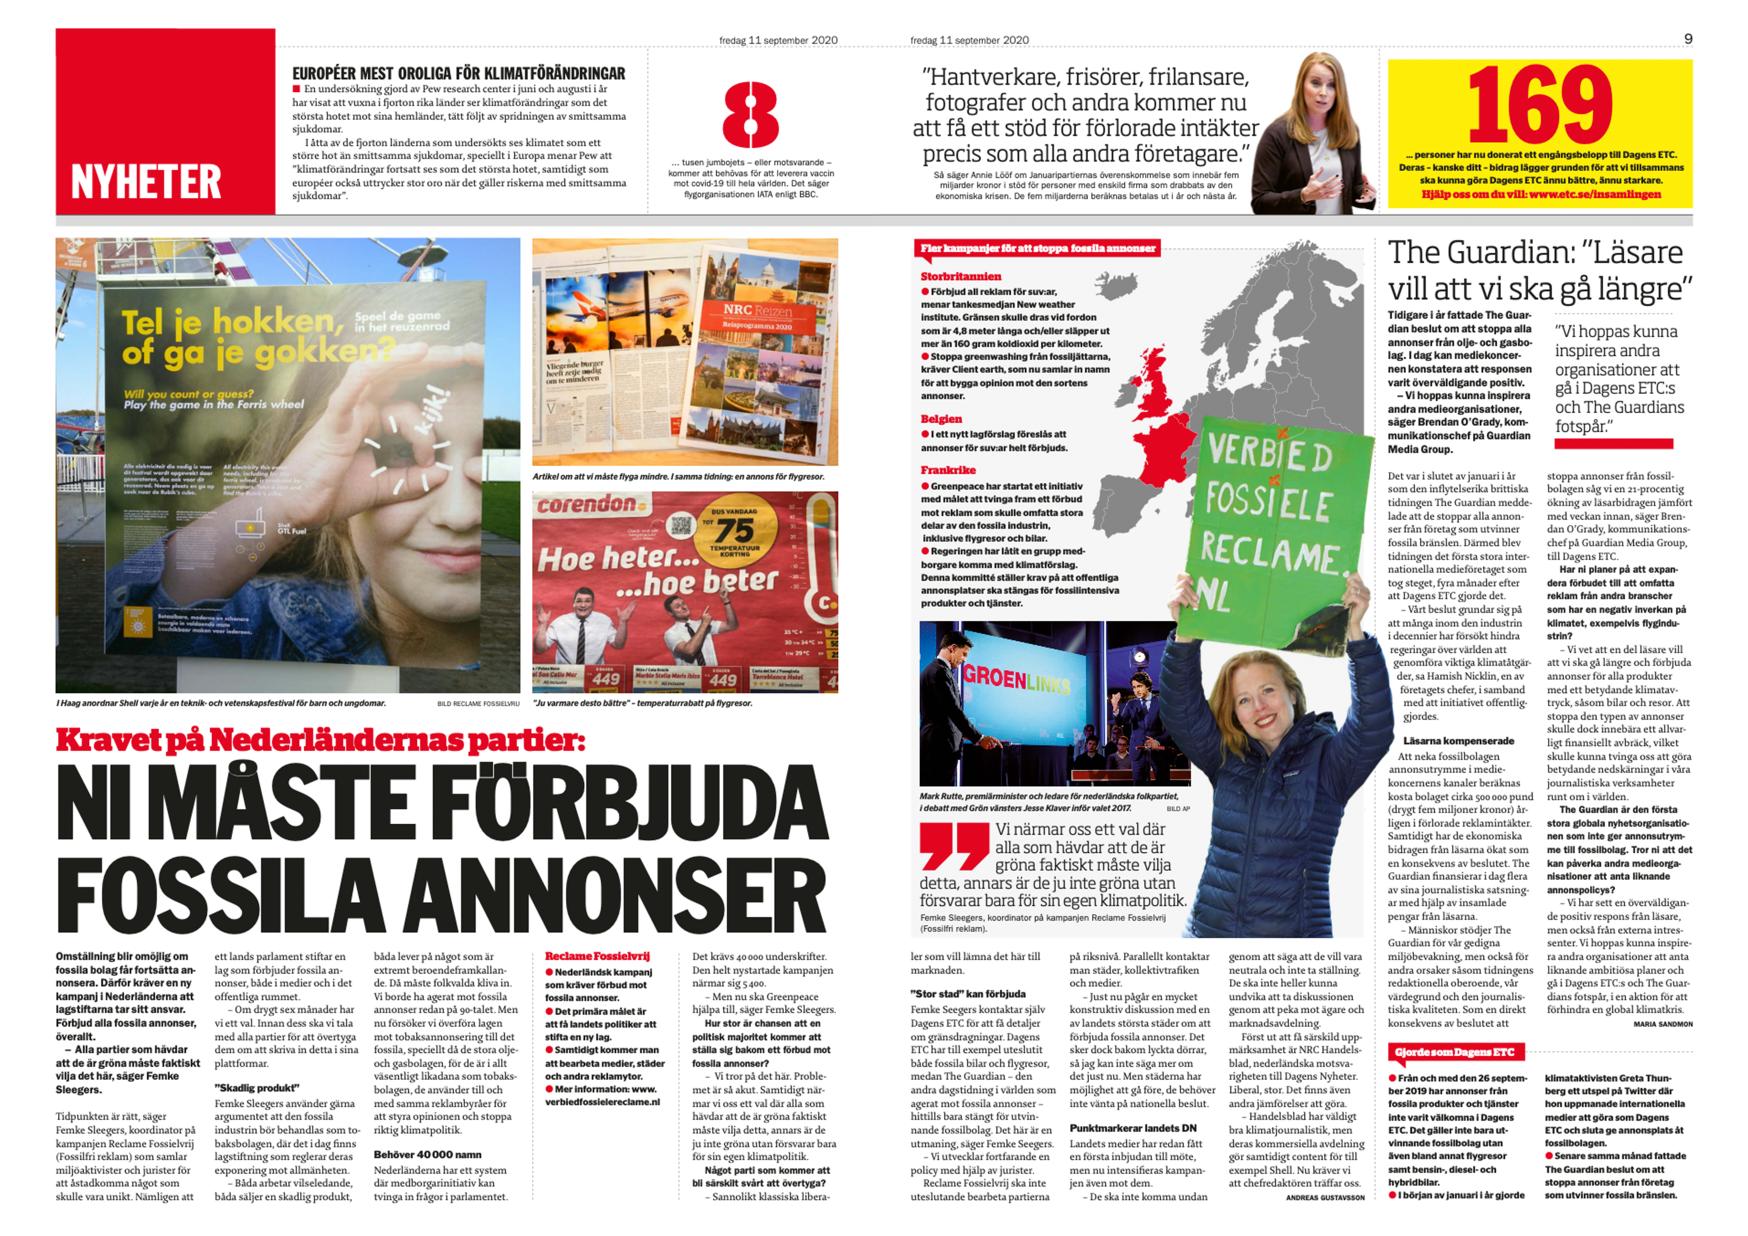 Interview met Femke door Dagens ETC